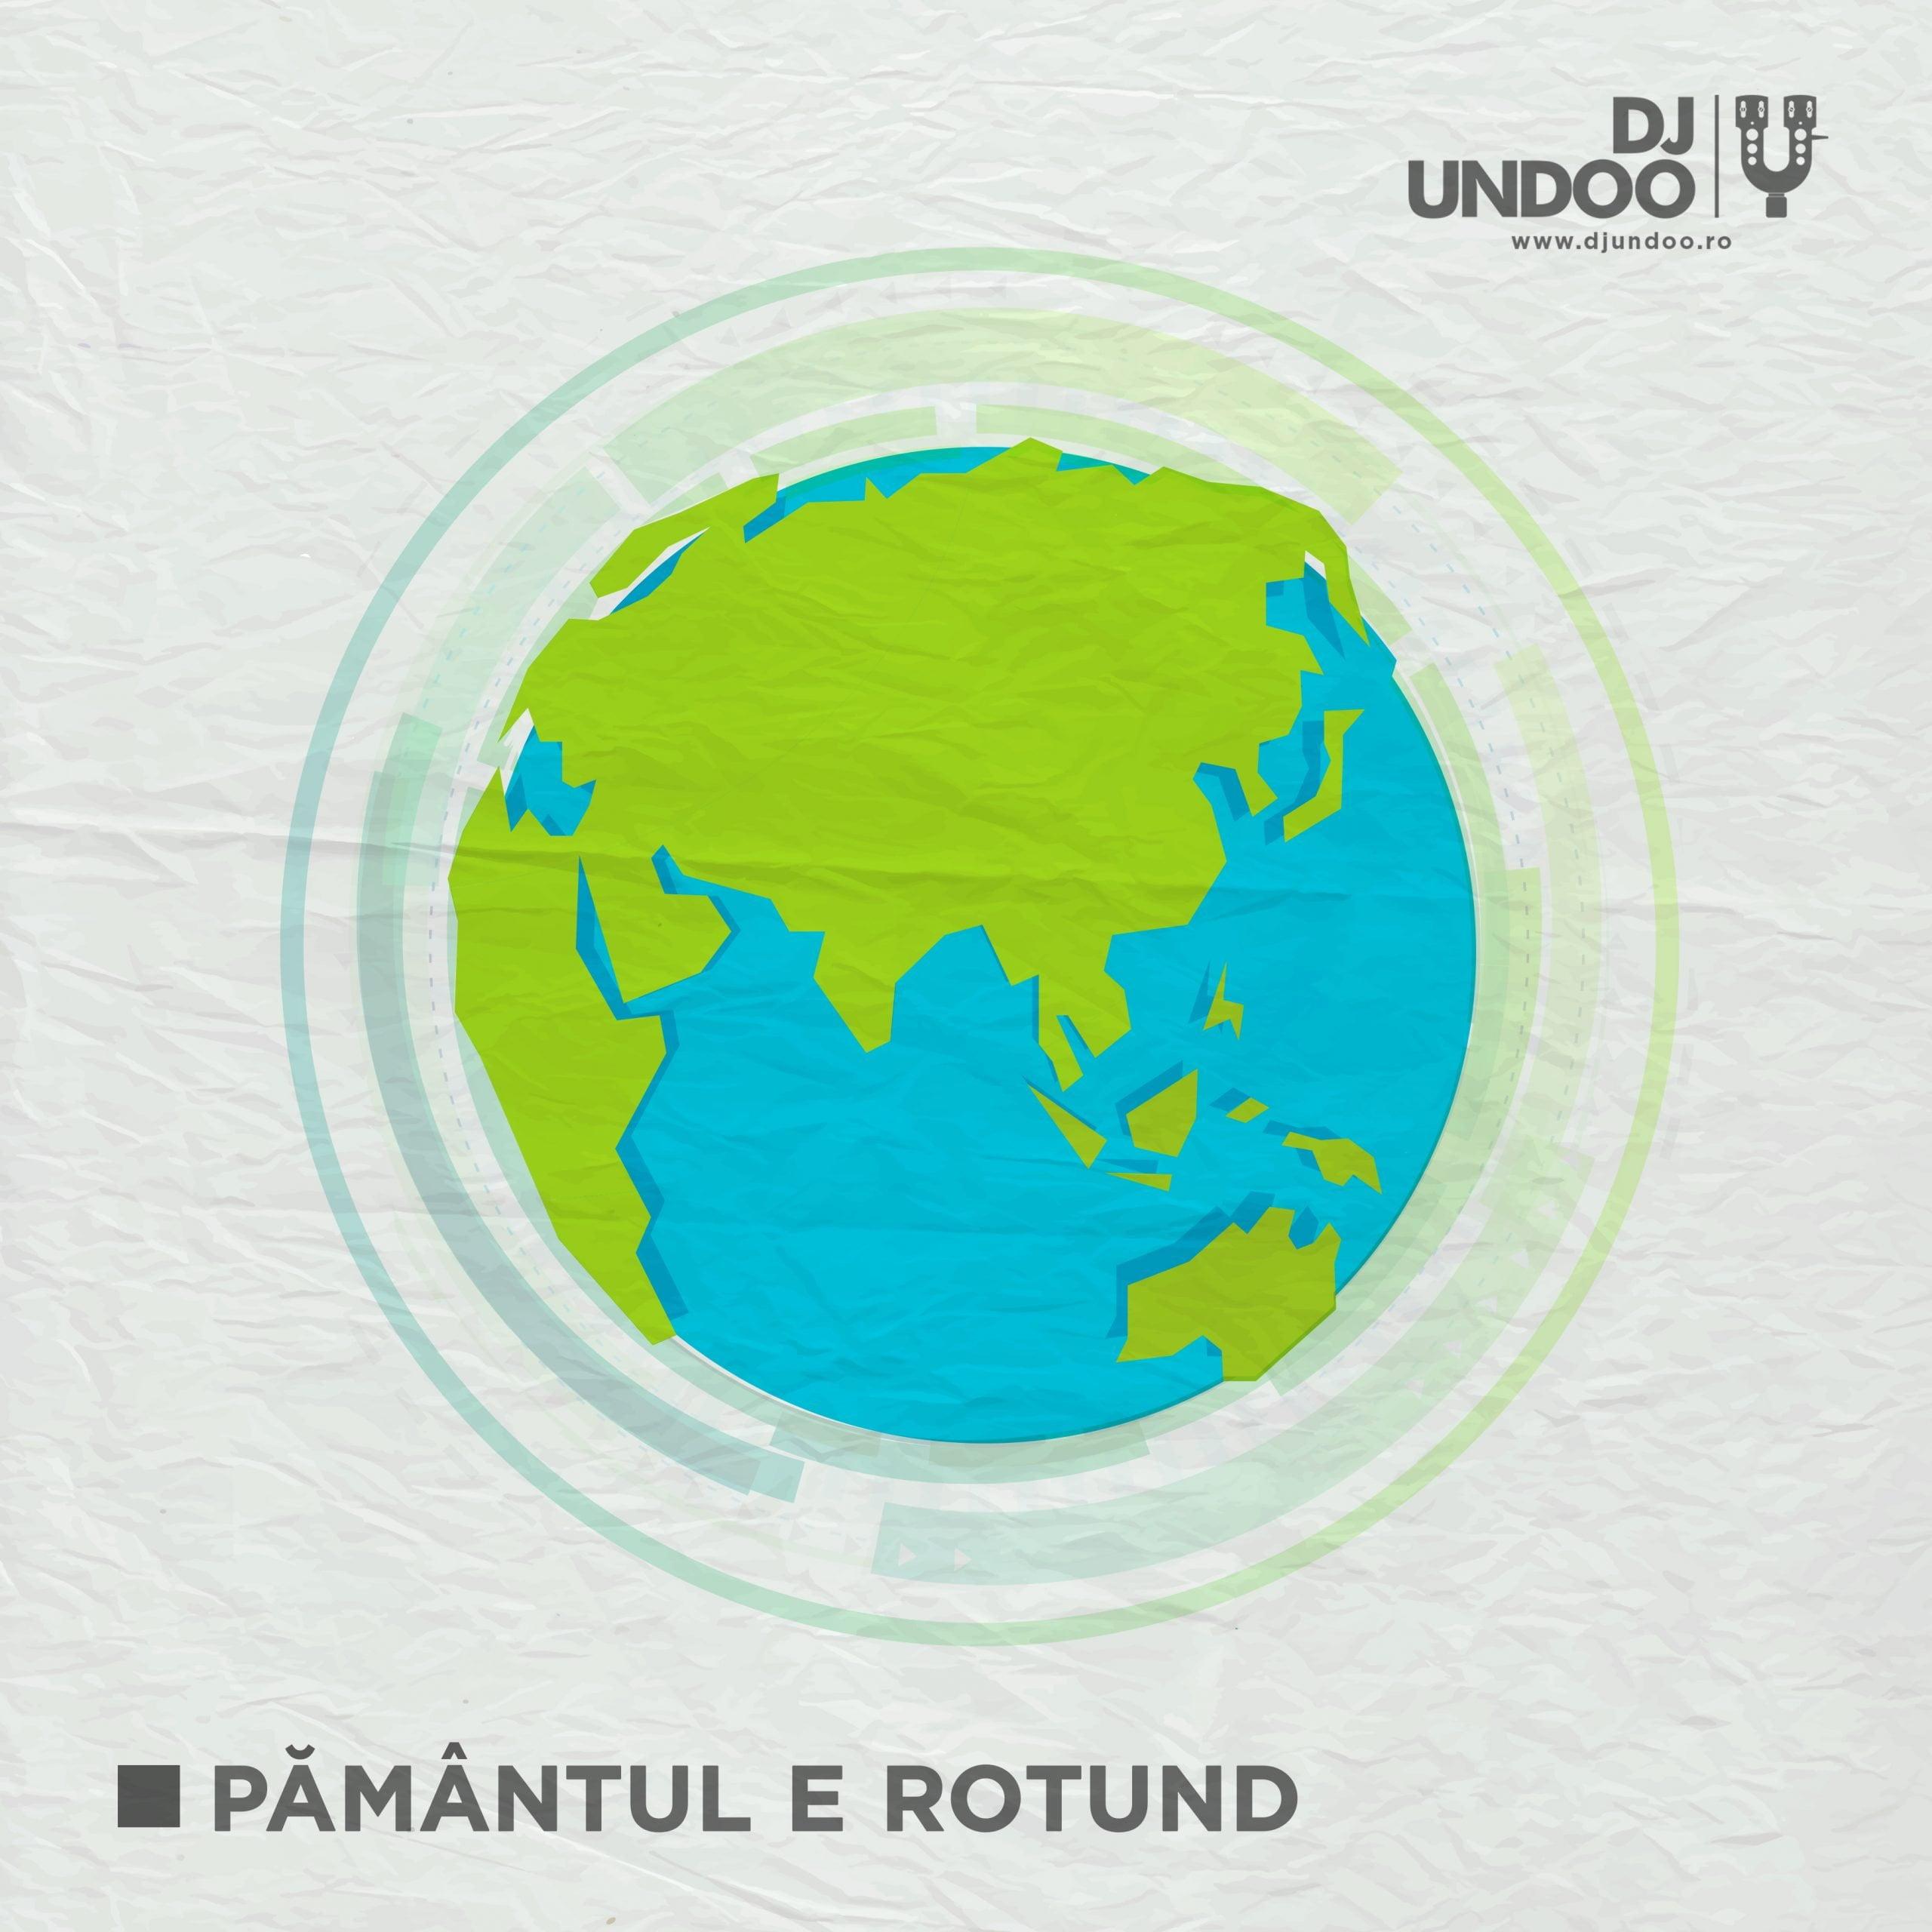 DJ Undoo – Pamantul E Rotund (Libernote Music, 2018)